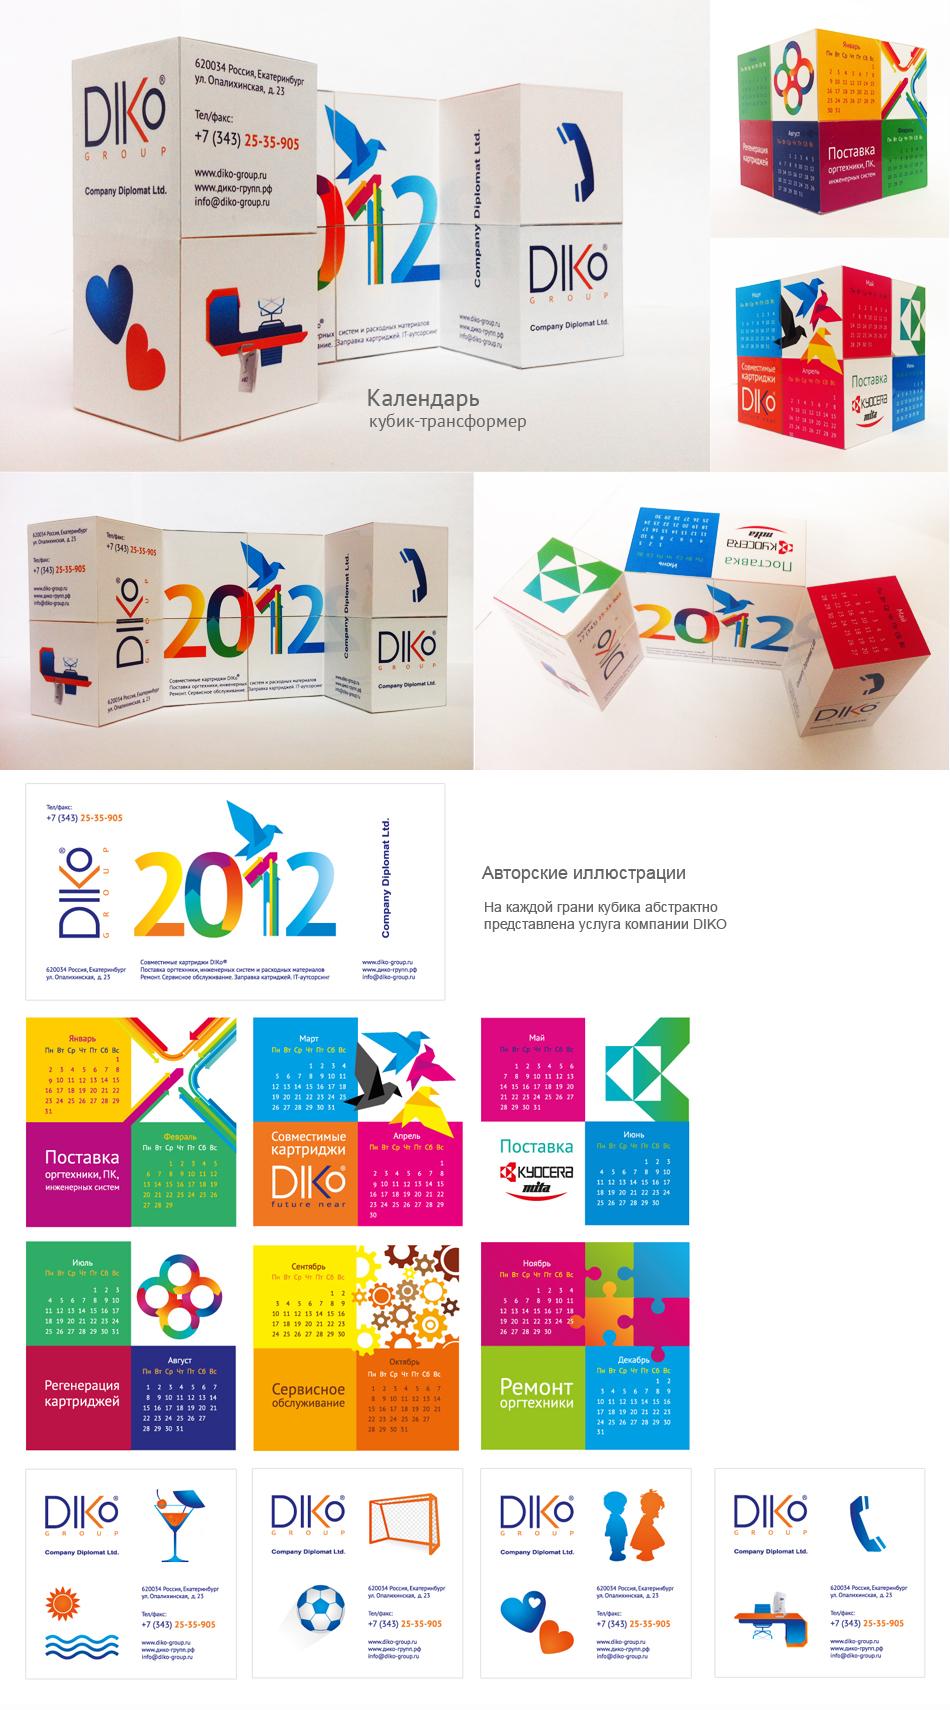 Календарь компании DIKO кубик-трансформер